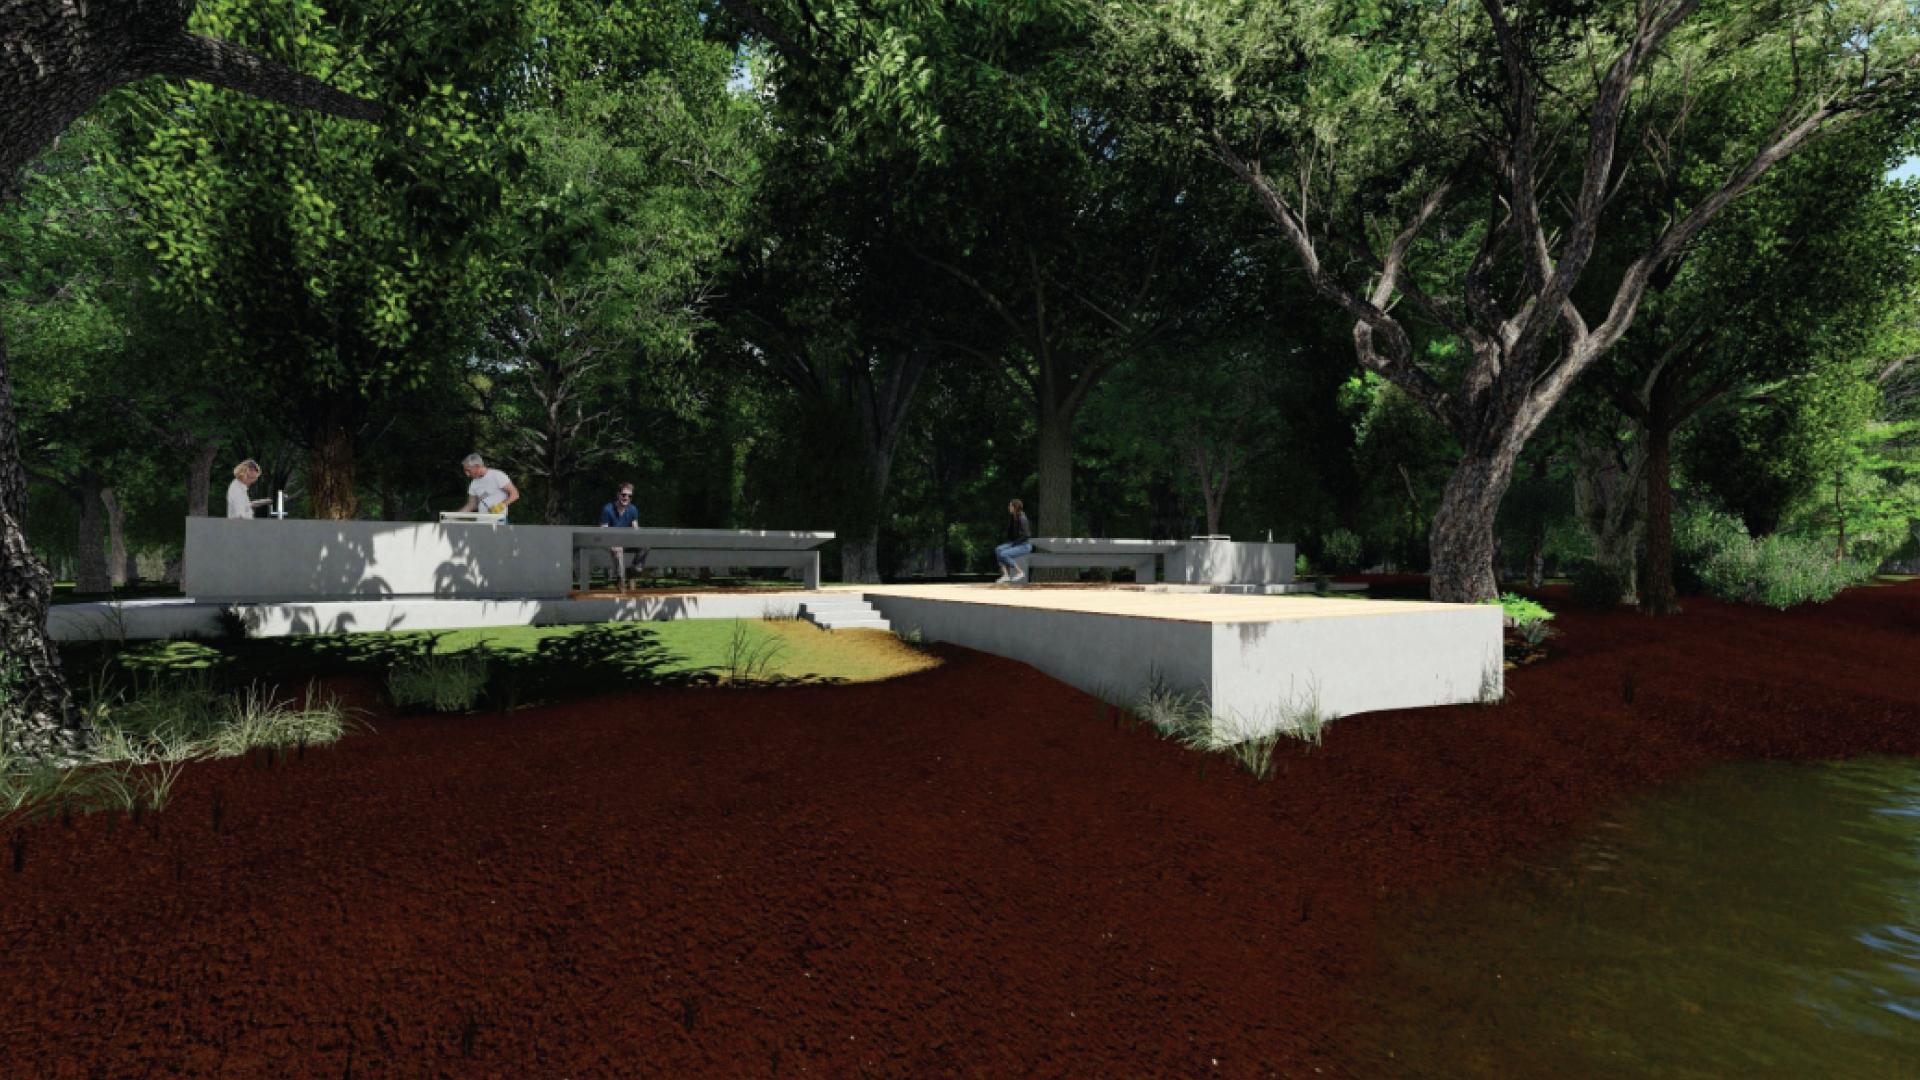 Cozinha compartilhada ao ar livre ganha prêmio brasileiro de arquitetura